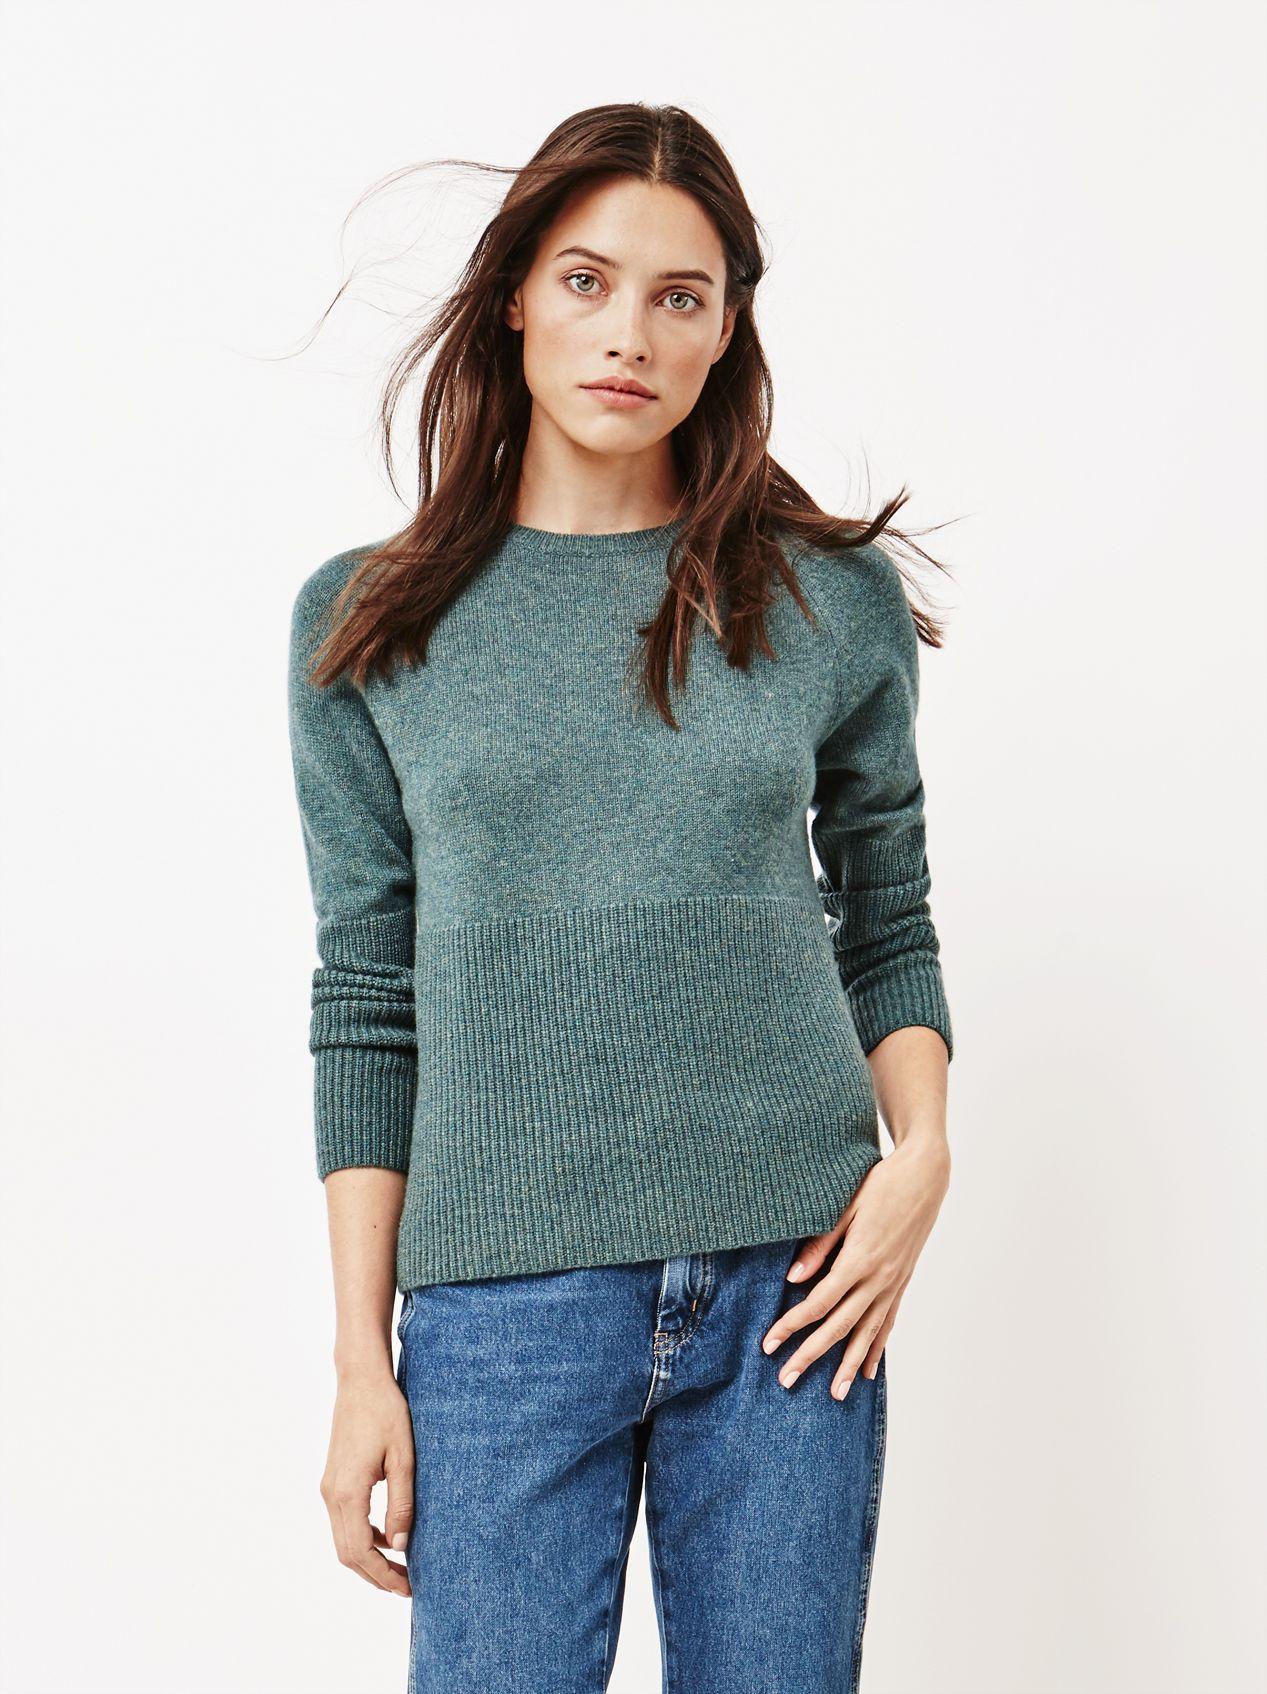 Women's High Ribb Sweater Forest Green | Tröjor, Kvinnor